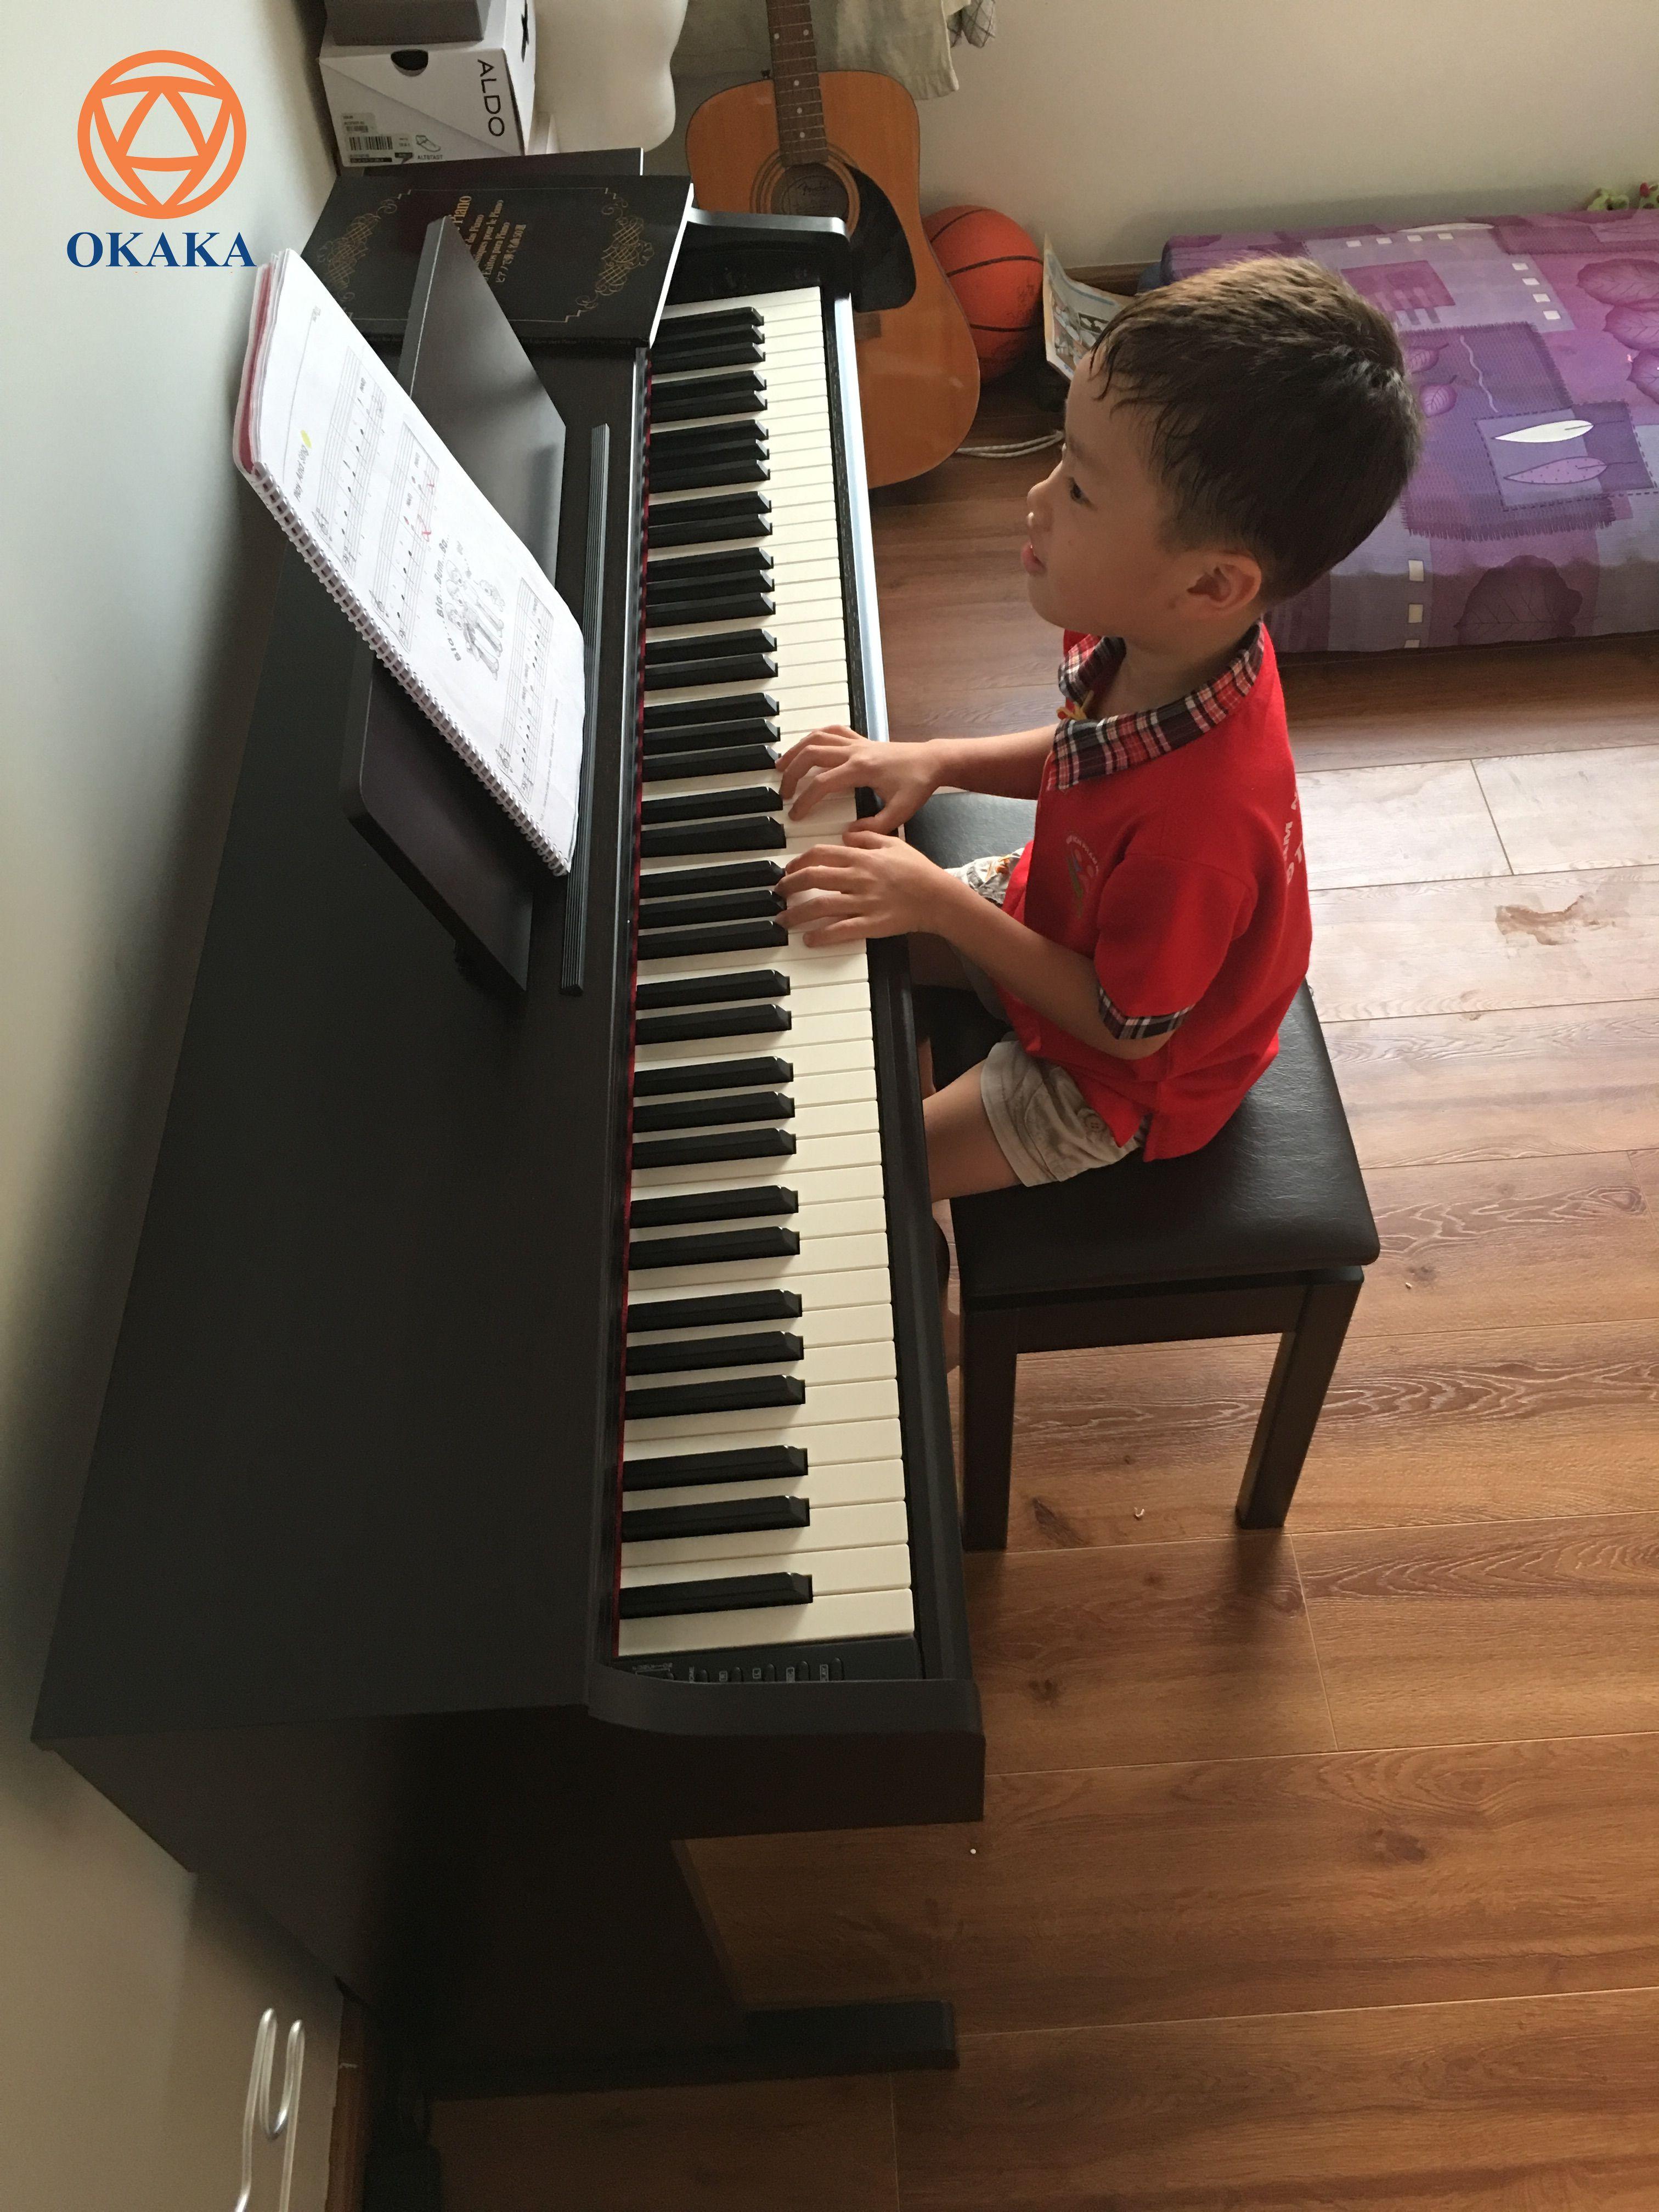 """Chiều hôm nay OKAKA đã đến Nhà Bè giao đàn piano điện Yamaha YDP-163 cho anh Lâm – một người cha sẵn sàng đầu tư cho các con yêu một cây đàn piano chất lượng mới cáu, bởi đơn giản """"Đầu tư cho con là đầu tư siêu lợi nhuận""""."""